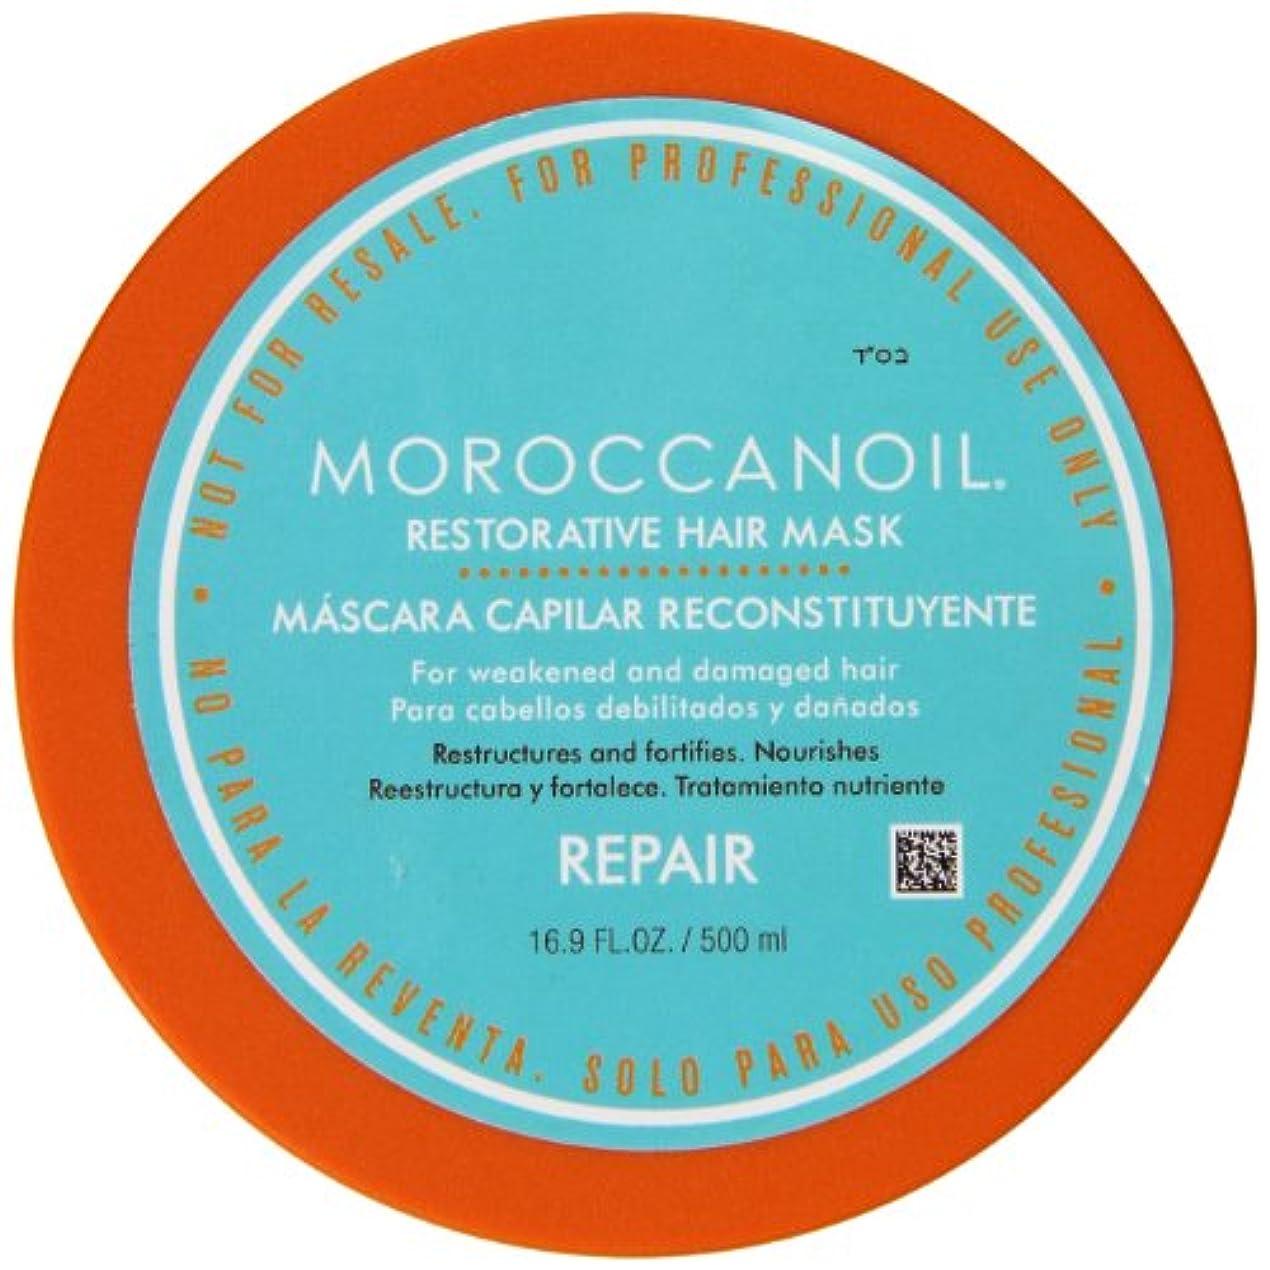 緯度確率醸造所モロッカンオイル リストラクティブ ヘア マスク (ダメージを受けた髪用) 500ml/16.9oz並行輸入品